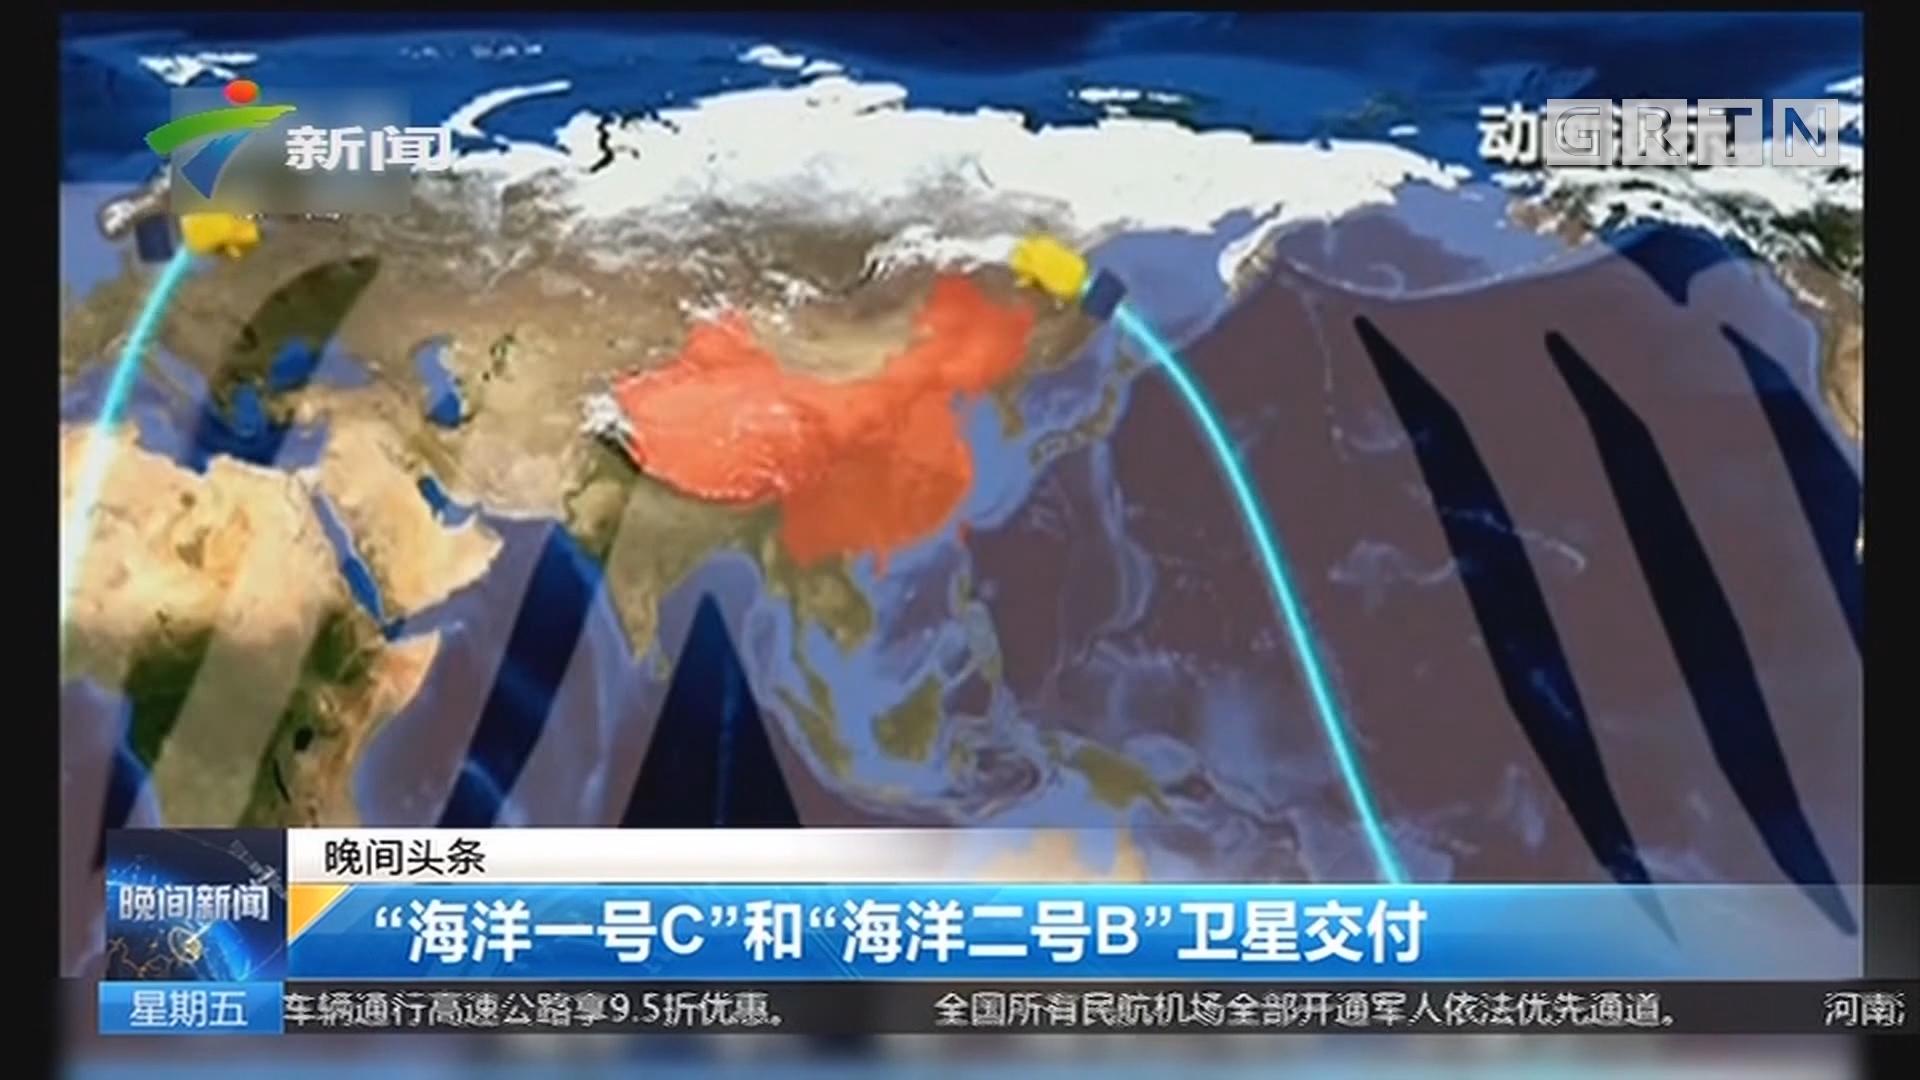 """""""海洋一号C""""和""""海洋二号B""""卫星交付"""